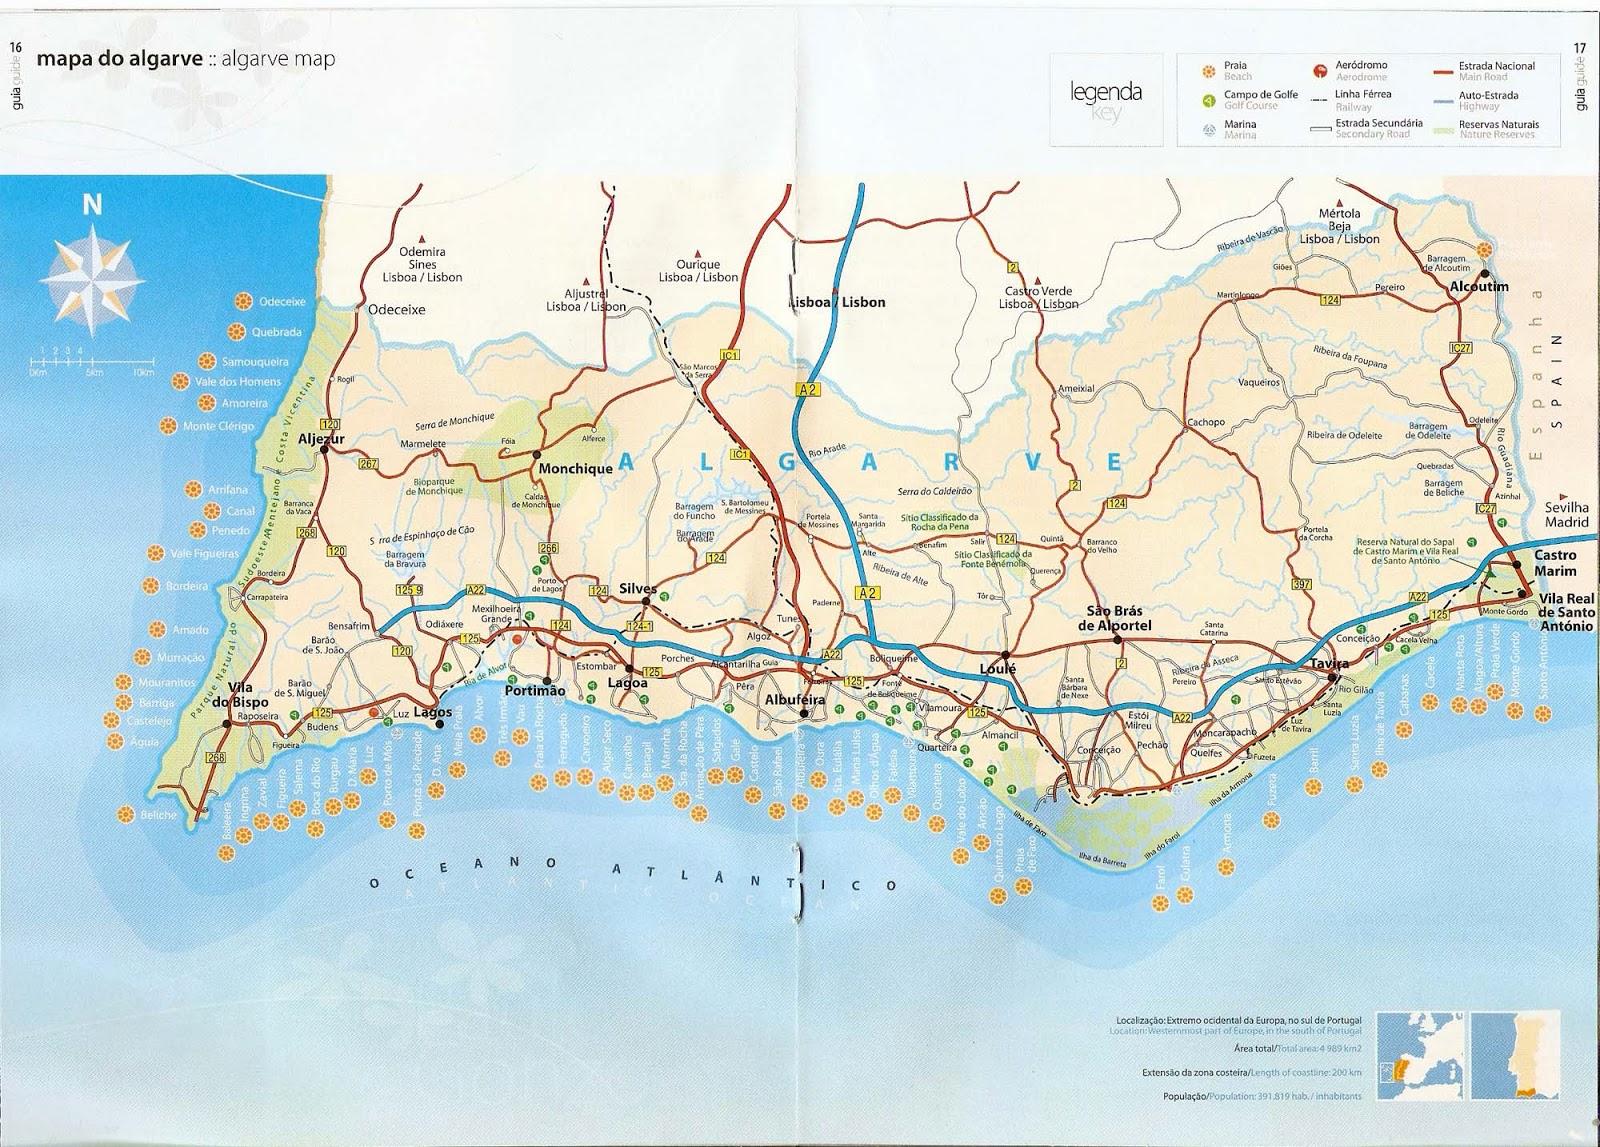 mapa da cidade de portimao Mapas de Portimão   Portugal | MapasBlog mapa da cidade de portimao